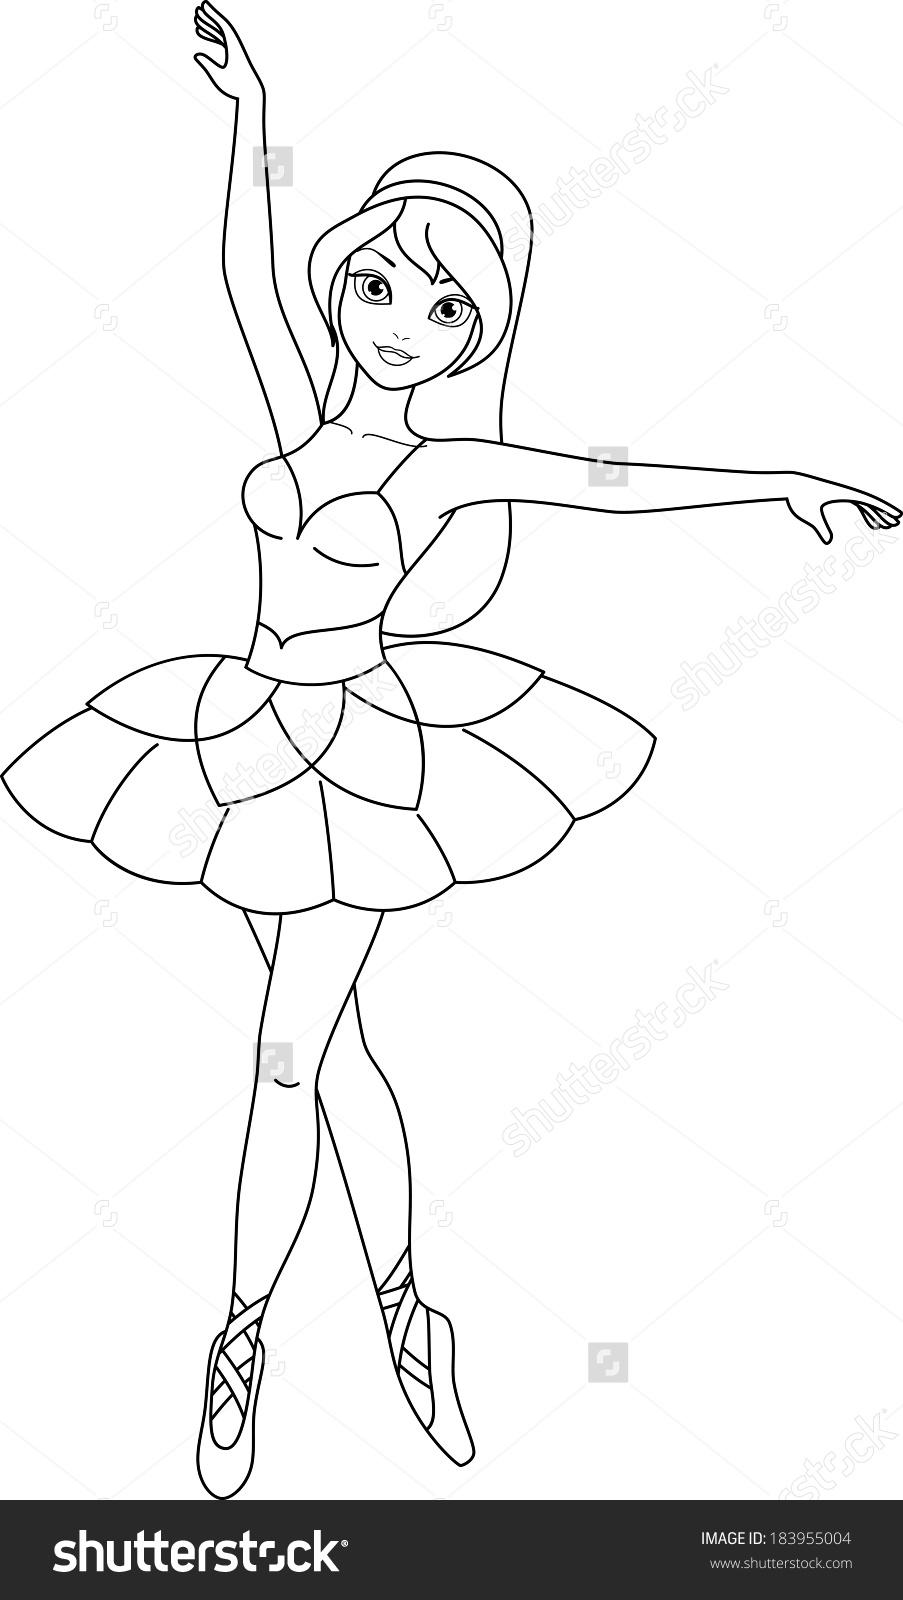 903x1600 Weird Princess Tutu Coloring Pages Ballarina Ninja Co